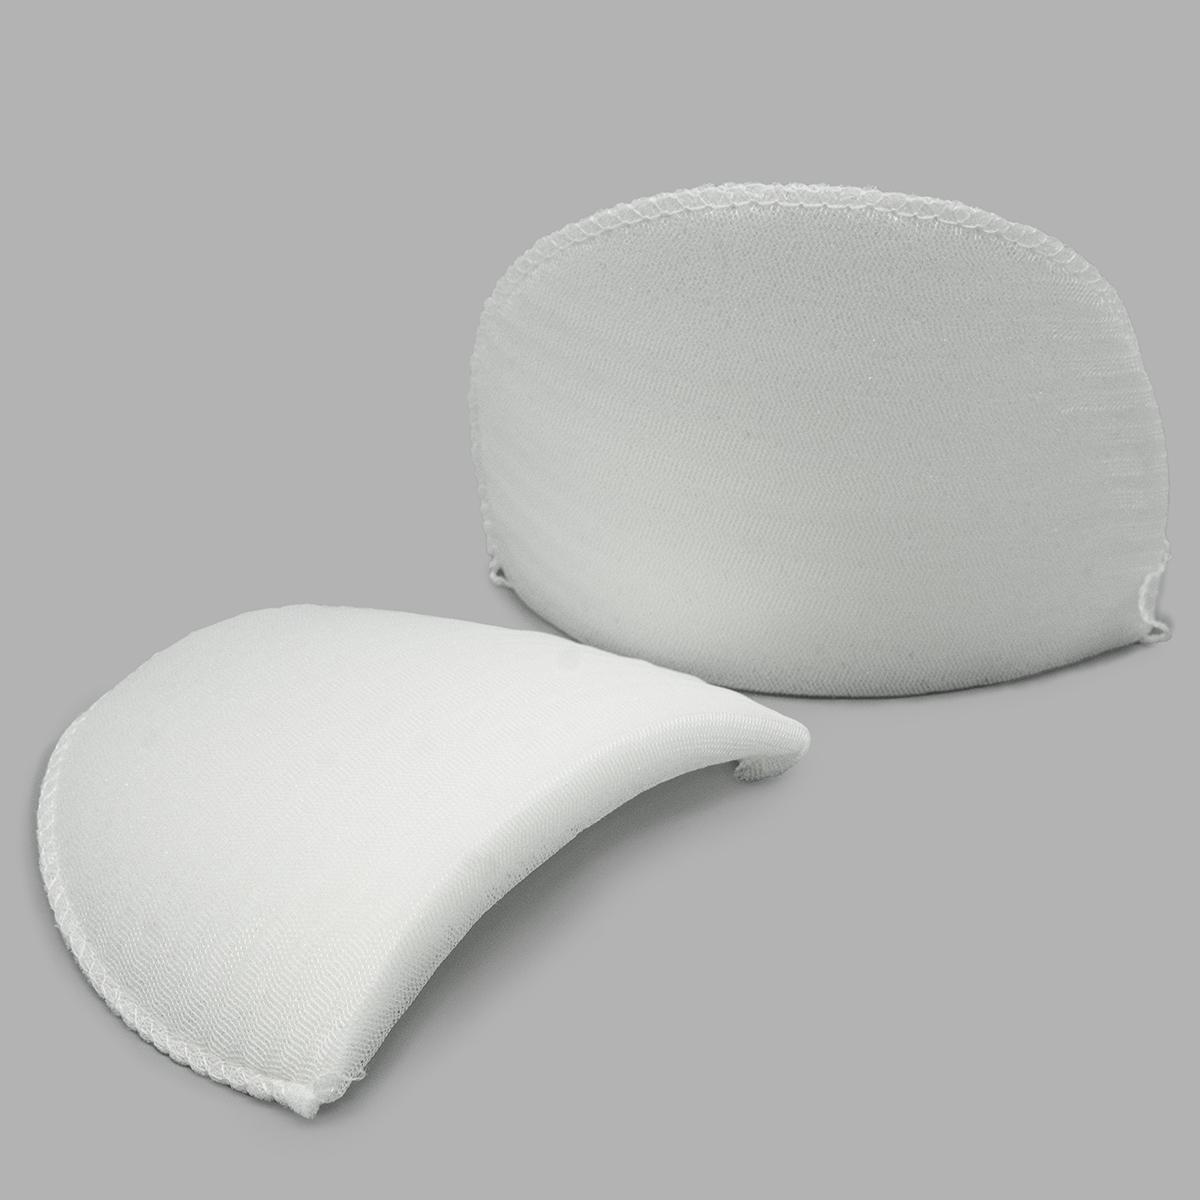 Плечевые накладки В-12/А втачные обшитые цвет белый, 12х100х150 мм, Hobby&Pro